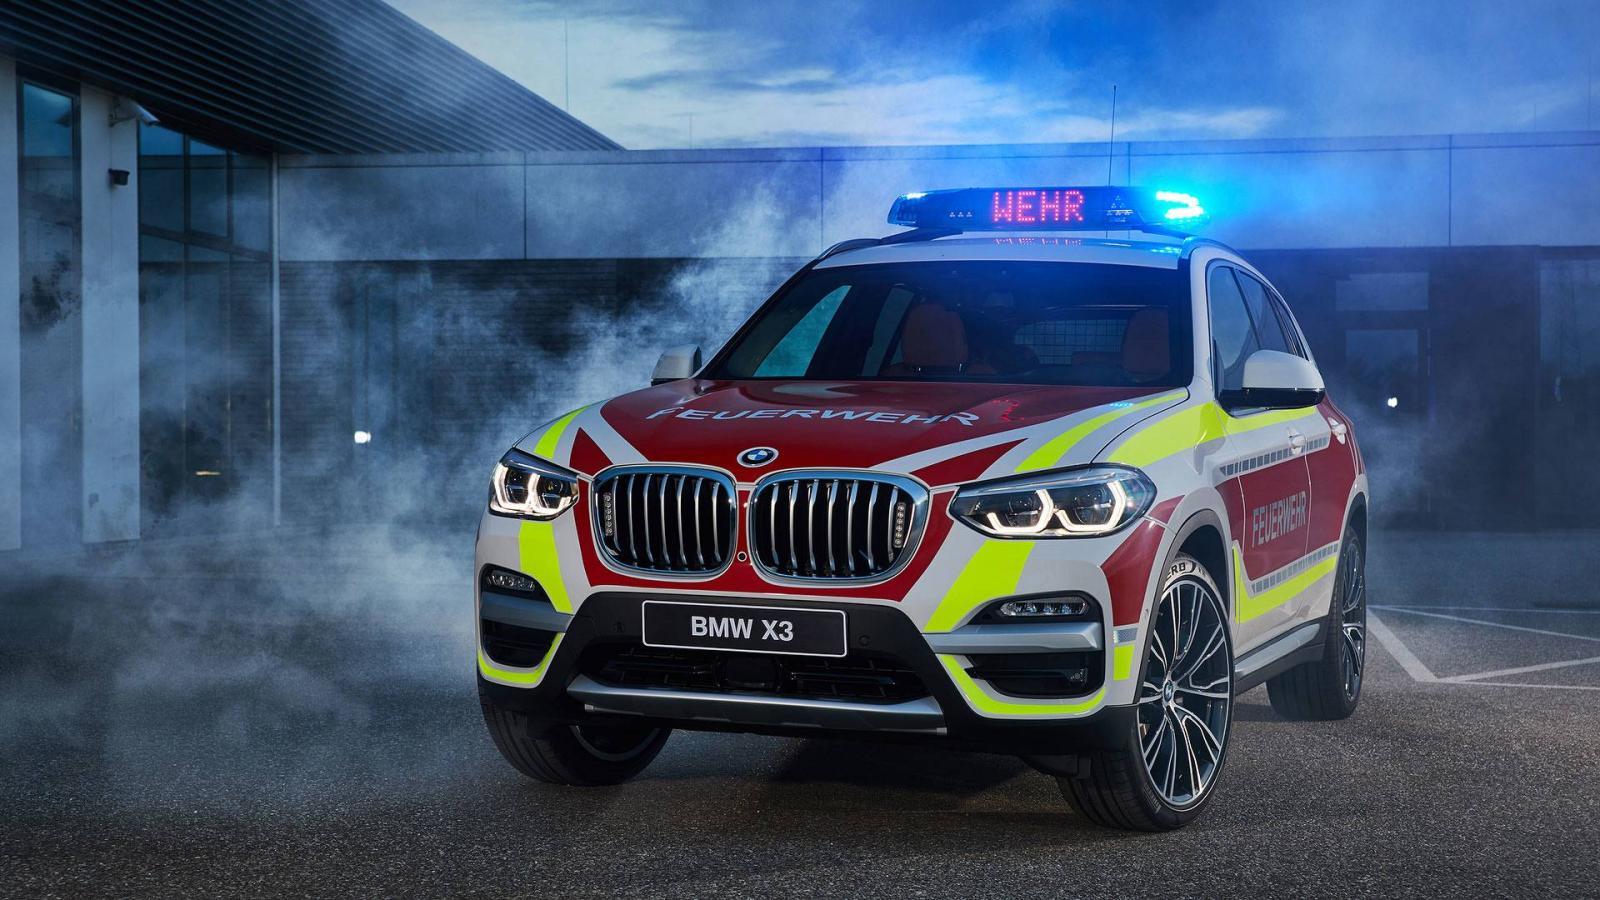 Представлены БМВ X3 для пожарных и Мини John Cooper Works для милиции